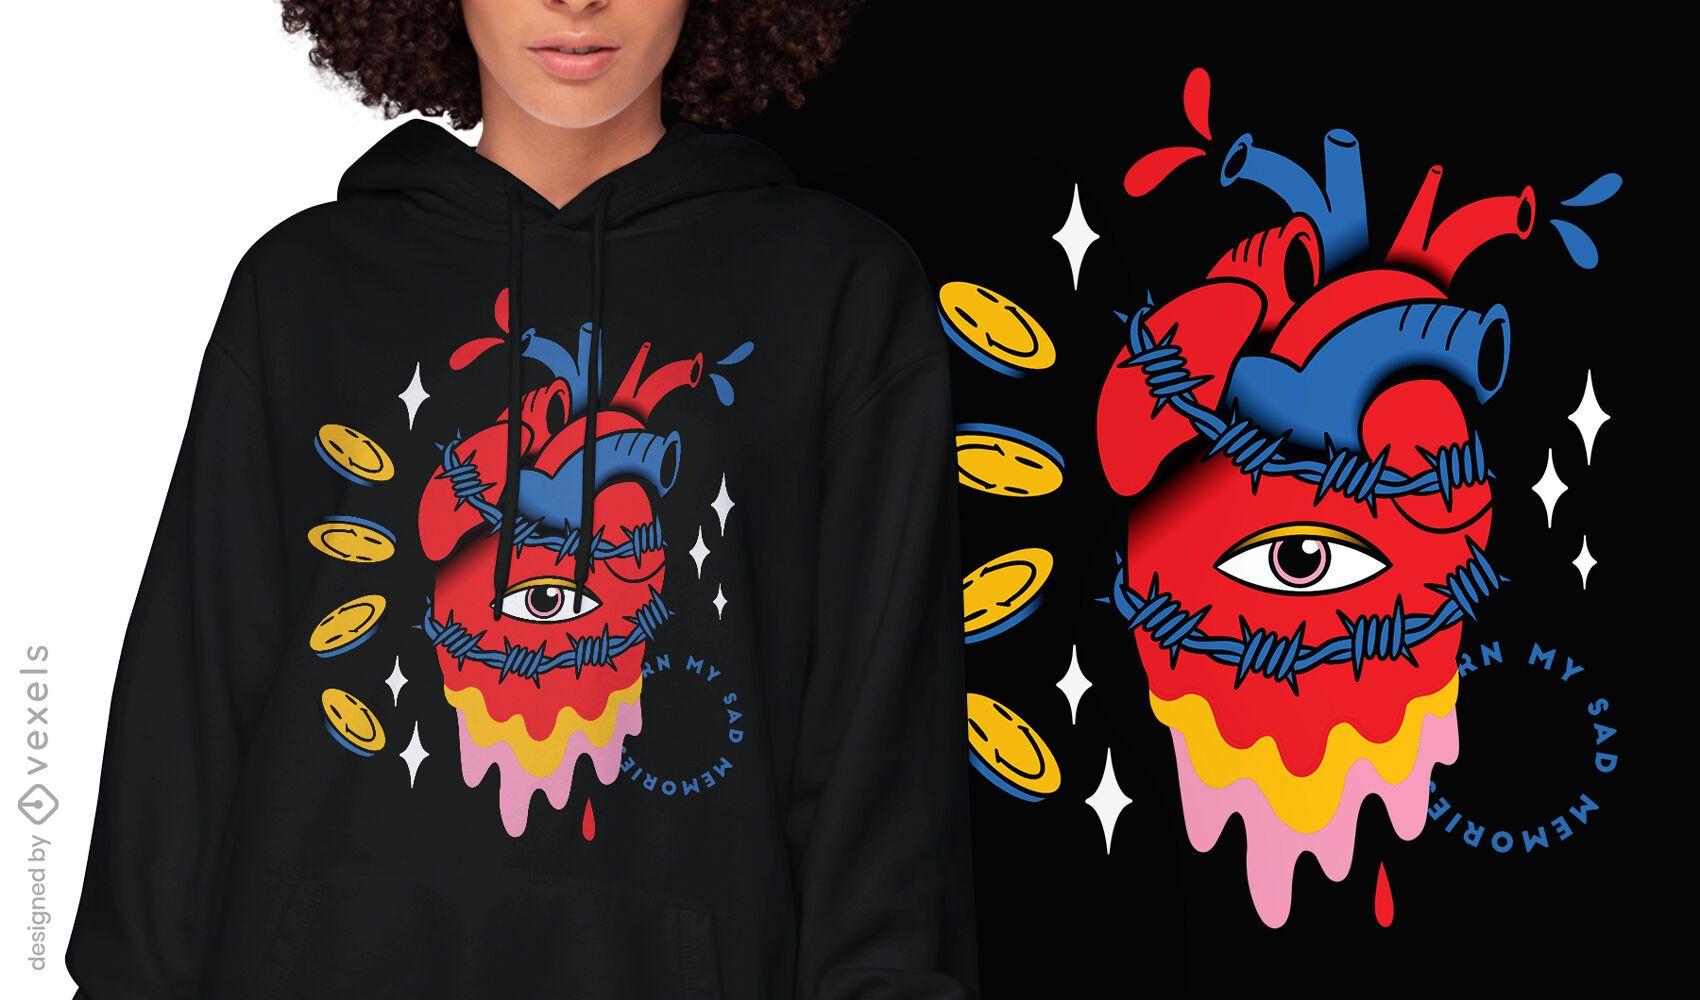 Diseño de camiseta trippy con corazón de alambre de púas.